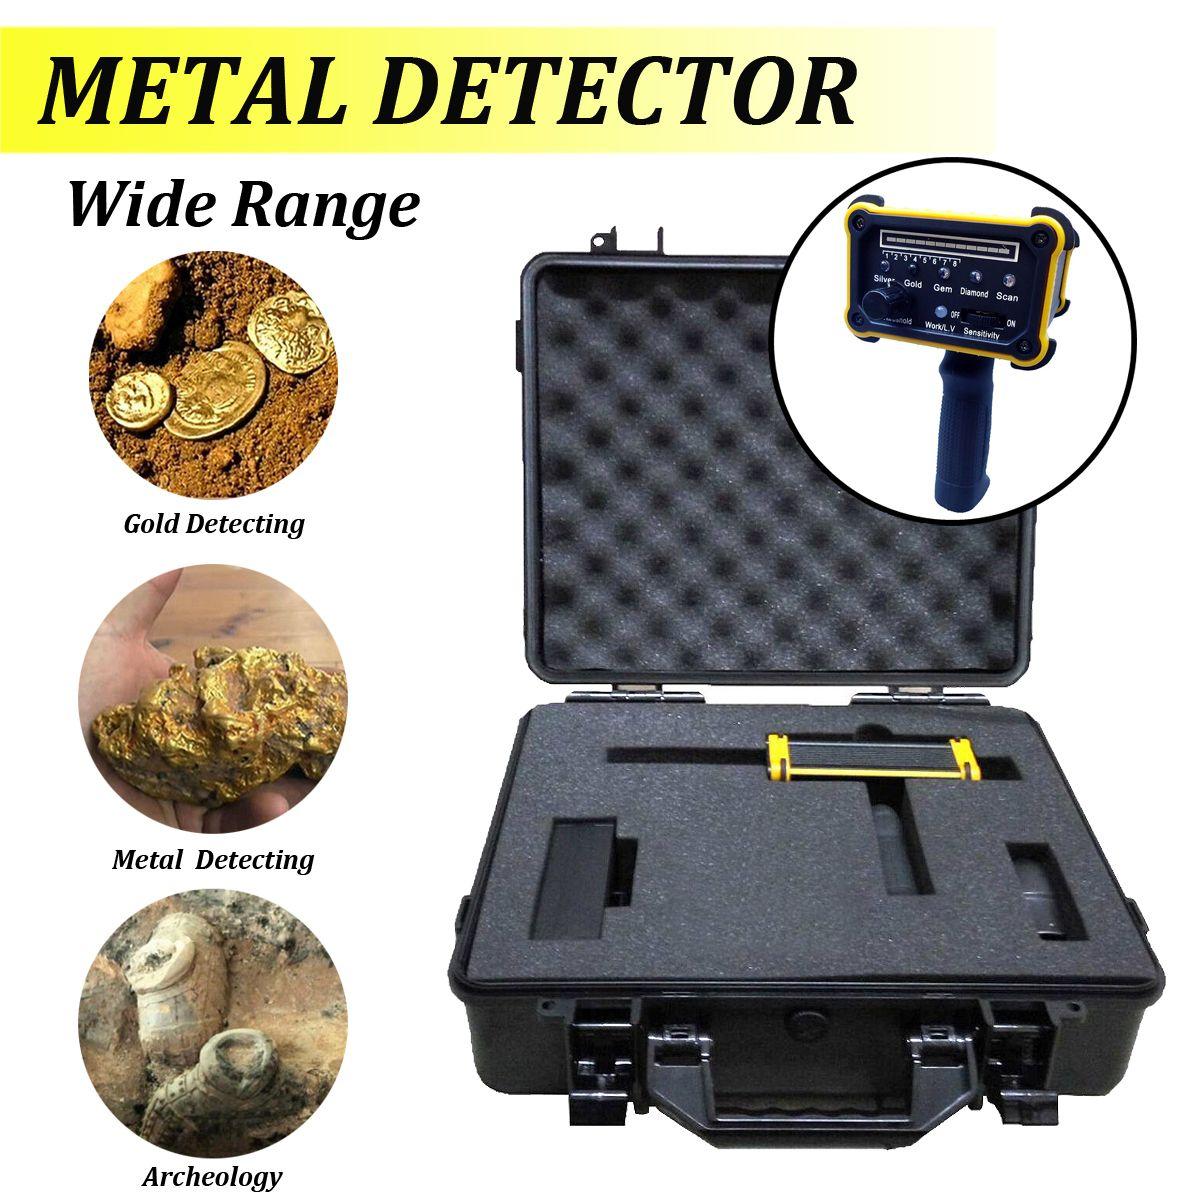 1 satz 1000 mt Metall Detektor maschine MAX 30 mt Tiefe metall Detektor Gold Diamant Silber Ausrüstung mit Wasserdichte Verpackung box